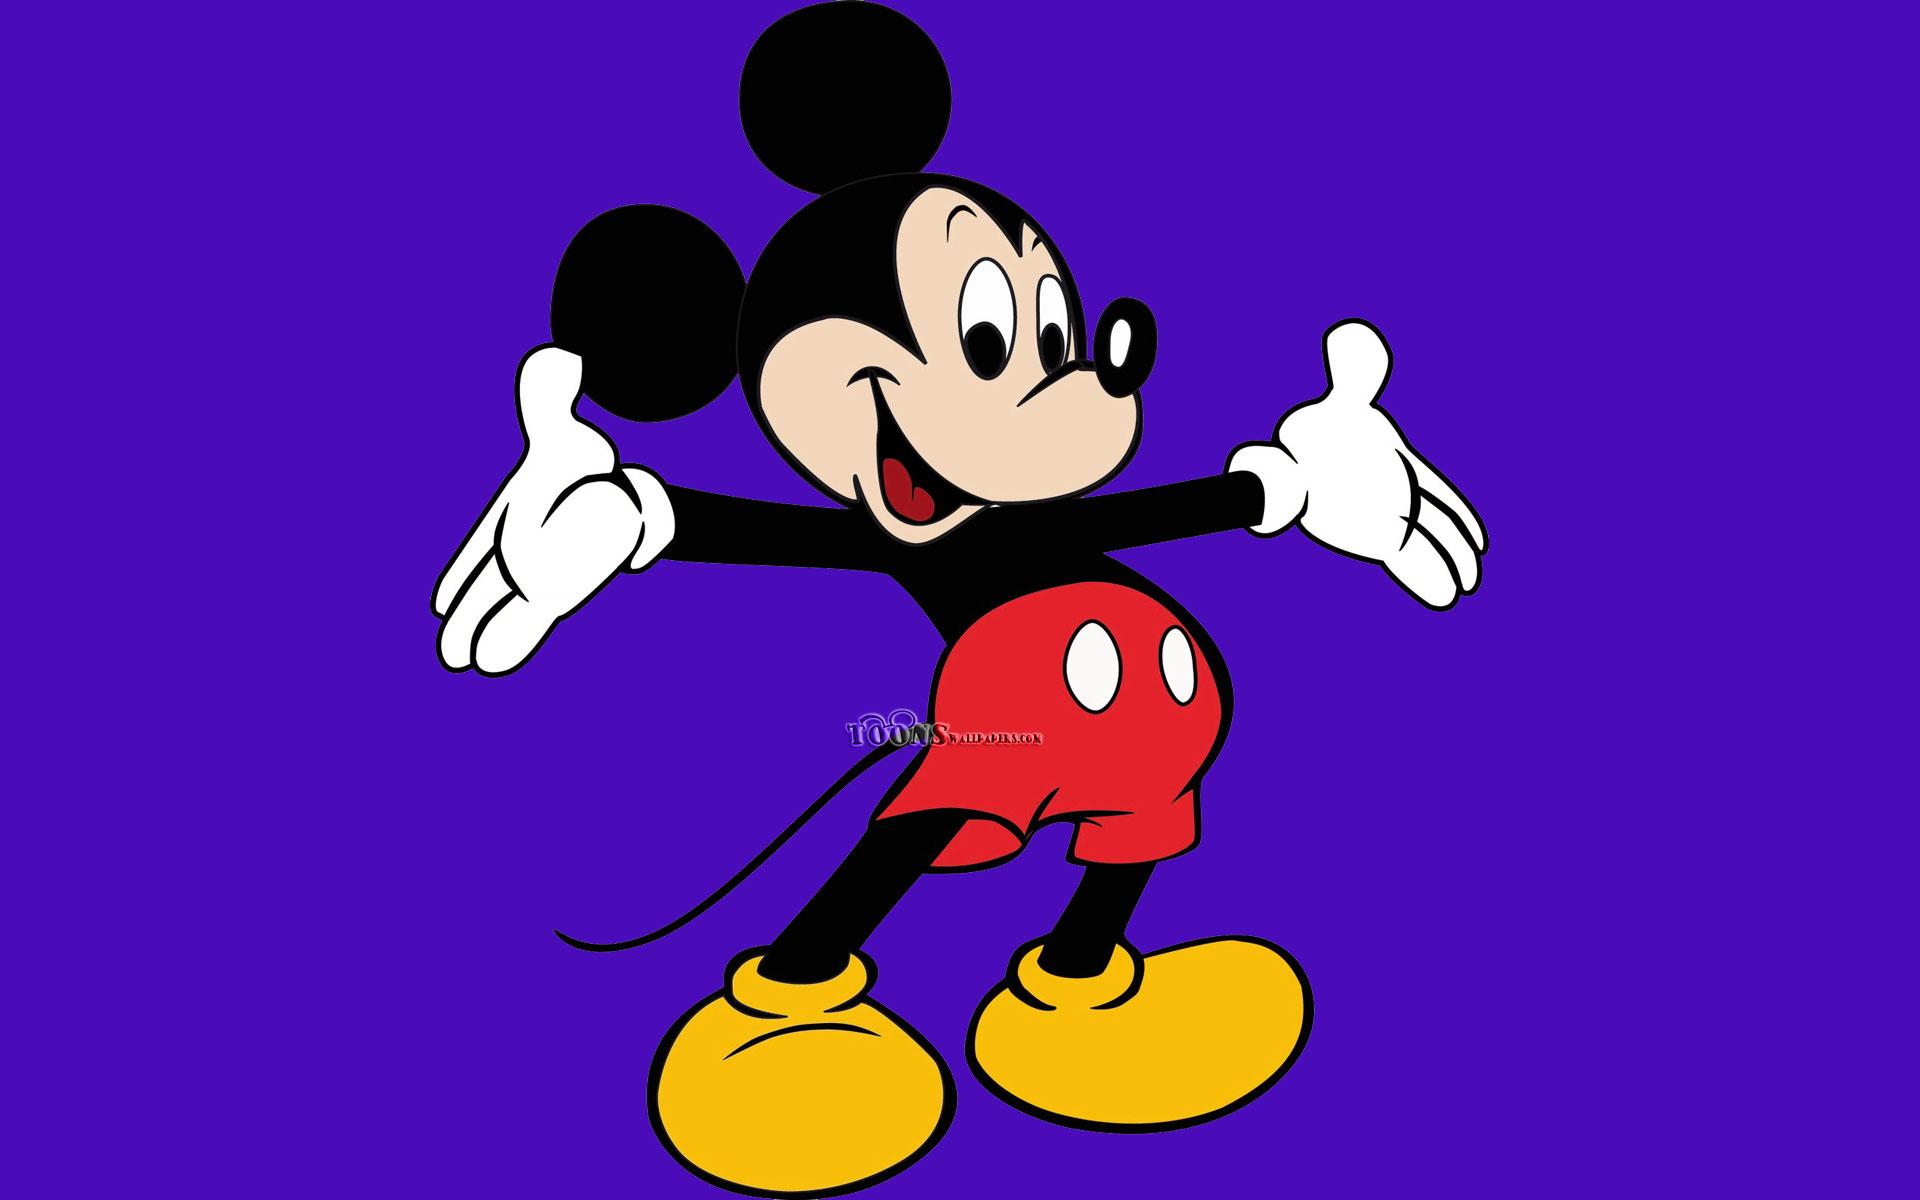 ミッキーマウスの青い背景 無料ディズニー壁紙ダウンロード 19x10 Wallpapertip